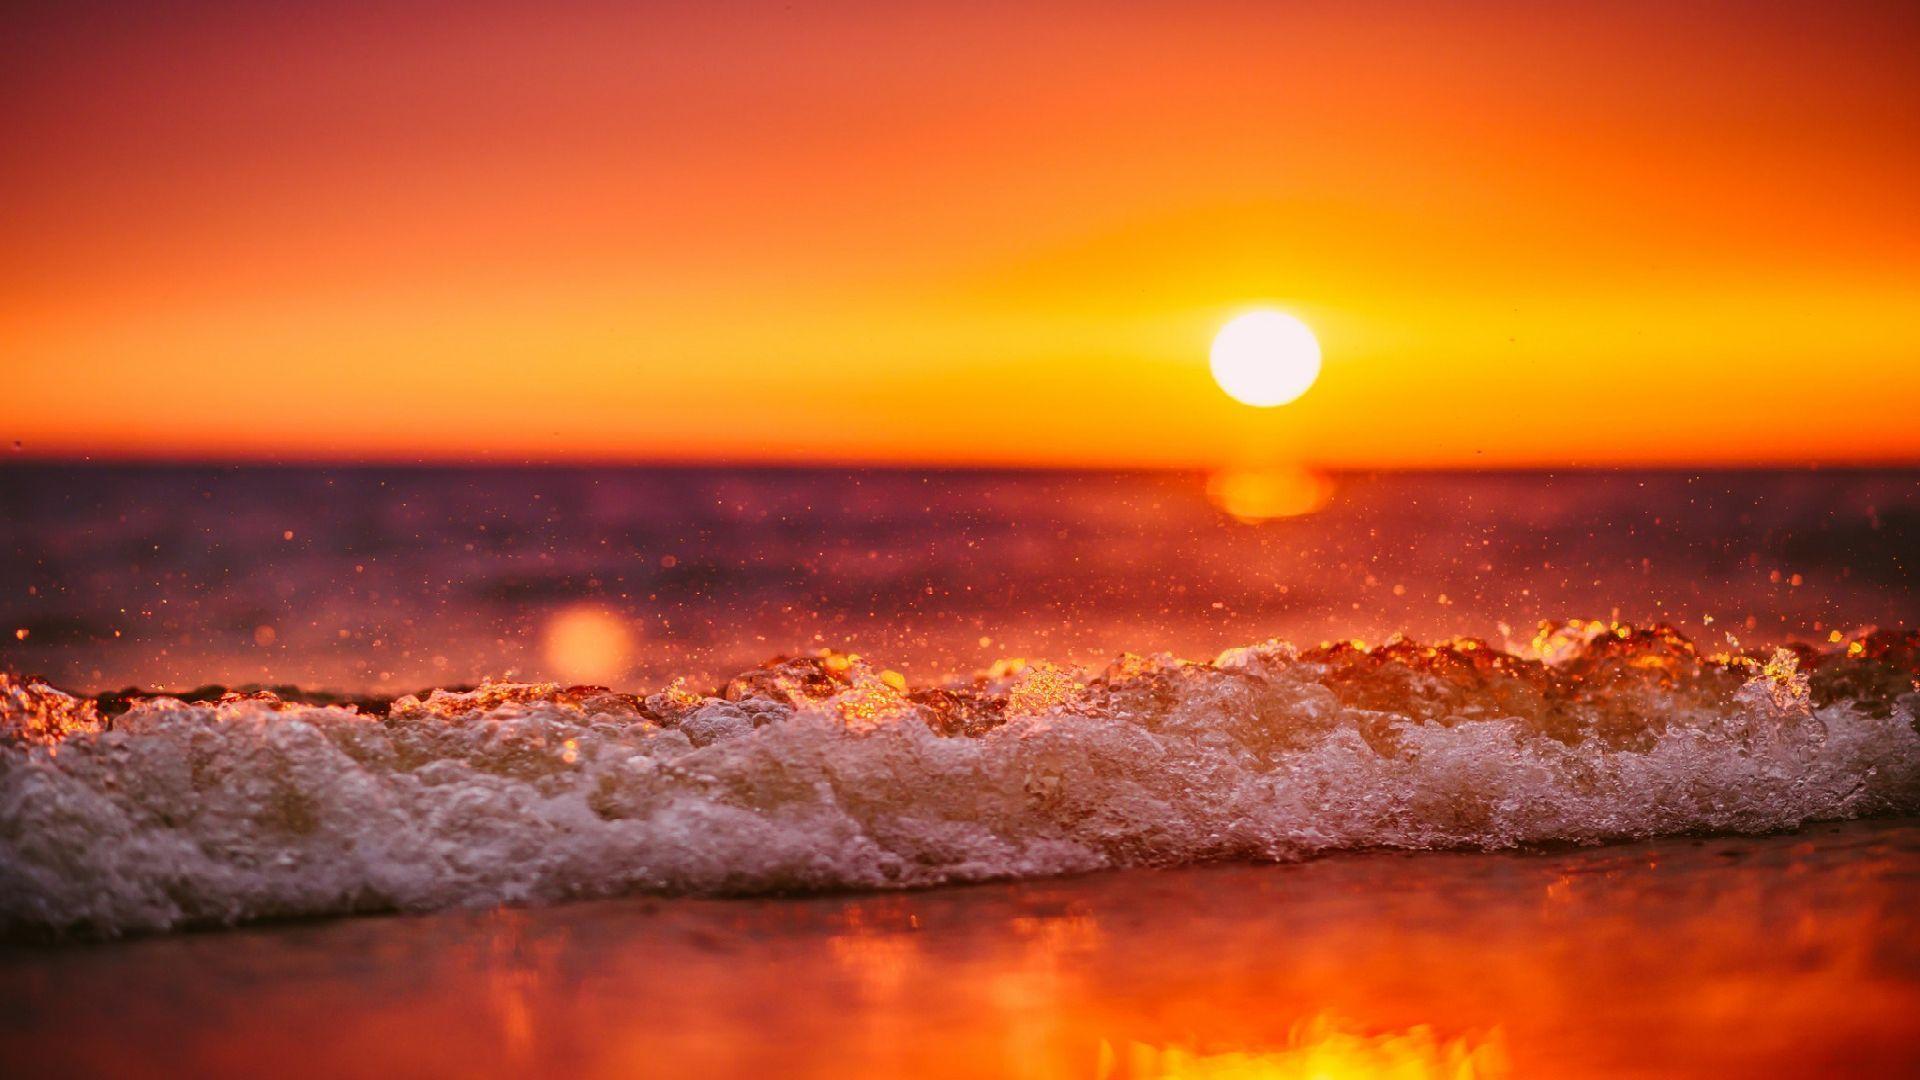 Ocean Sunset free hd wallpaper